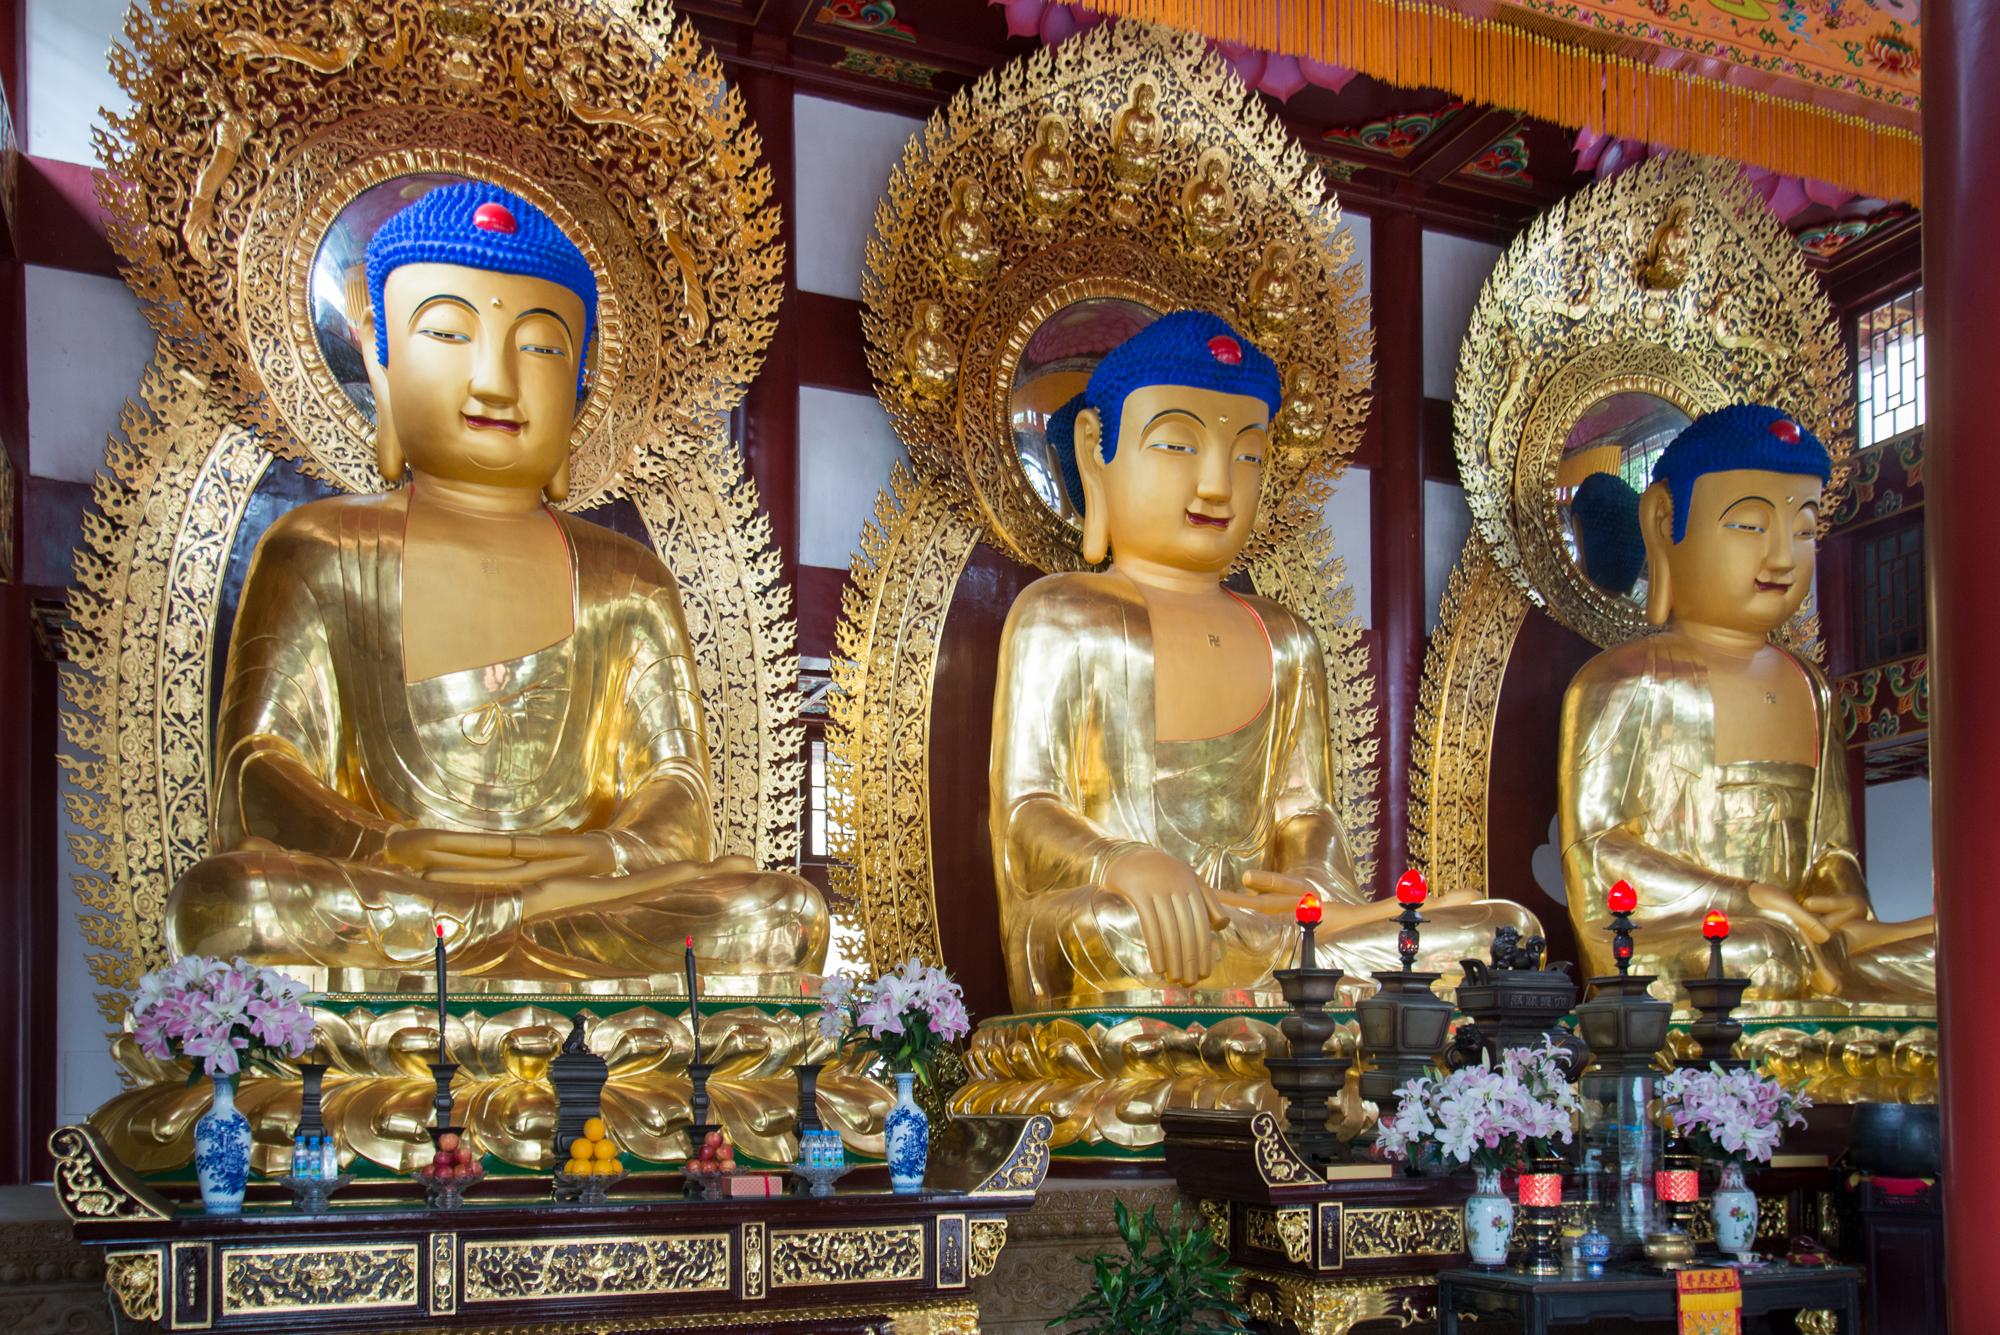 Guangxiao Buddhist Temple, Buddha